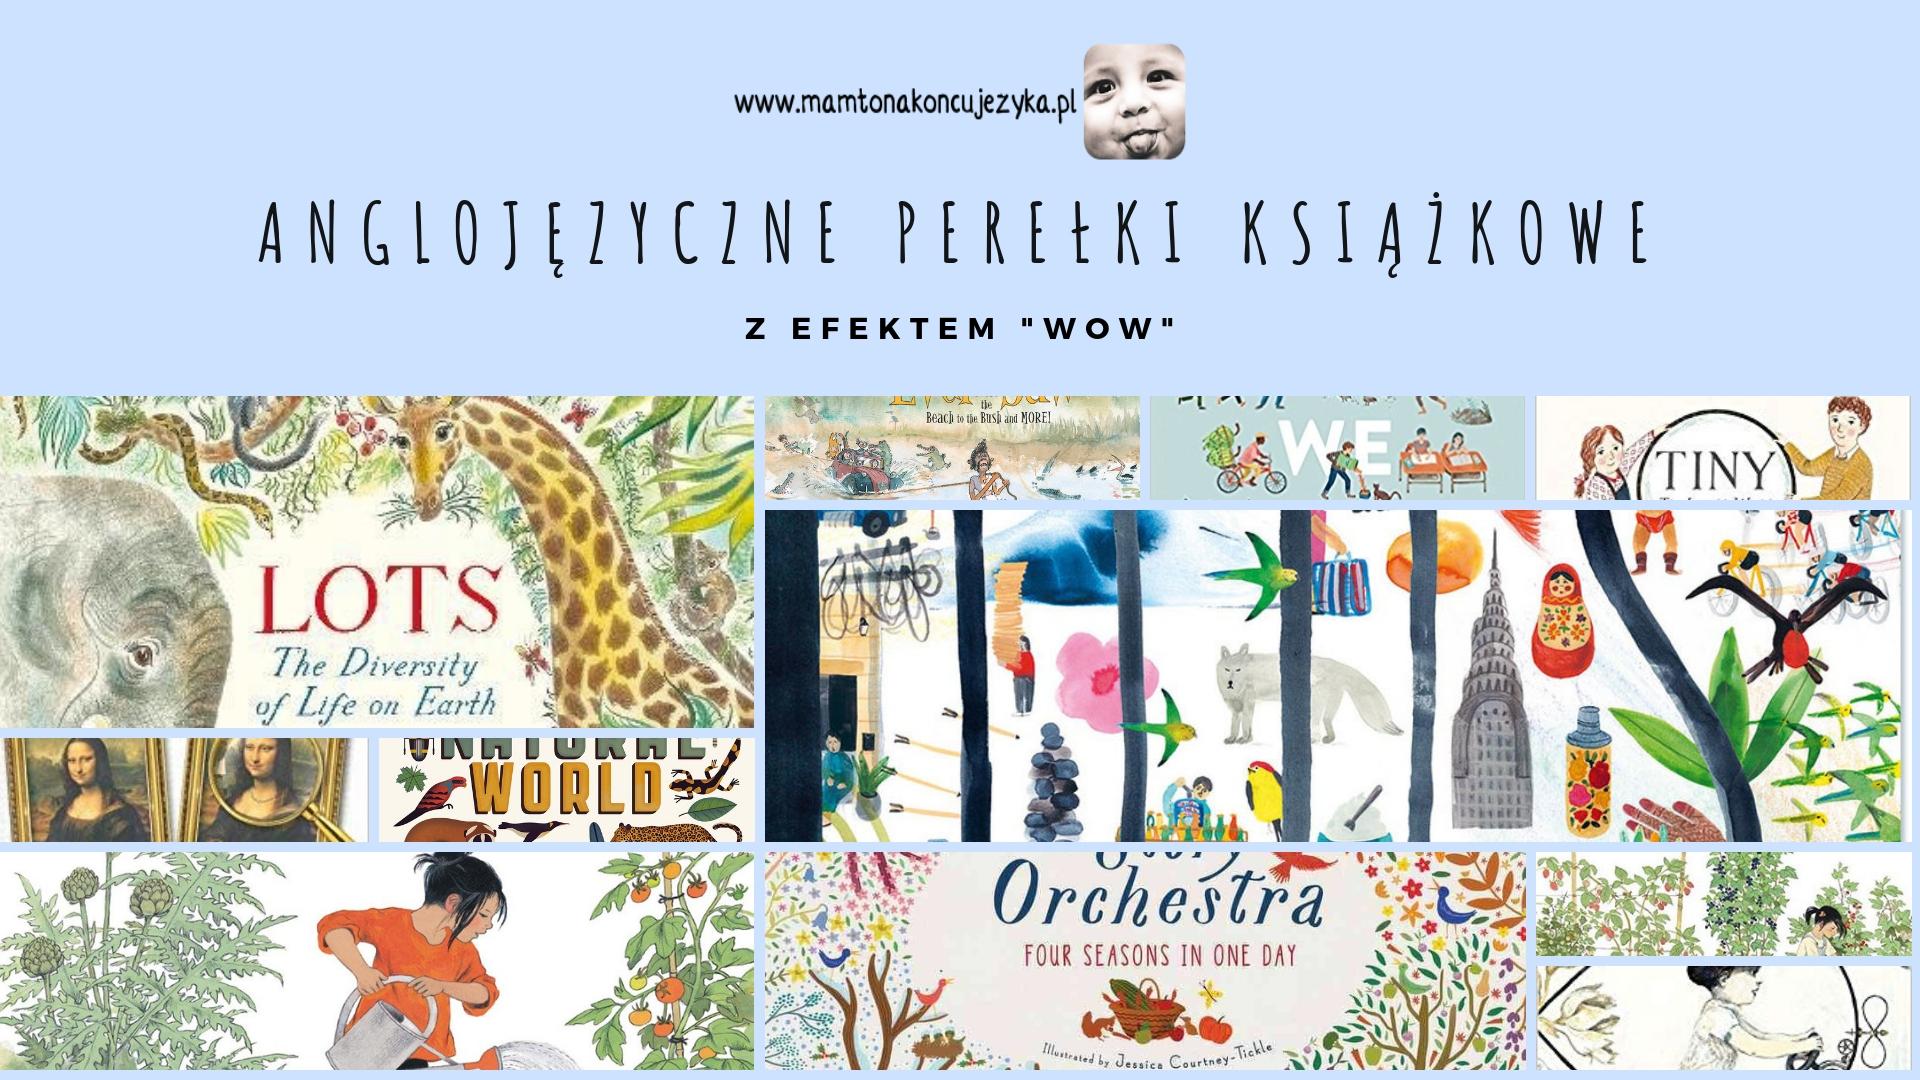 [Video] Książkowe naj-naje, czyli mój zbiór najlepszych książek po angielsku